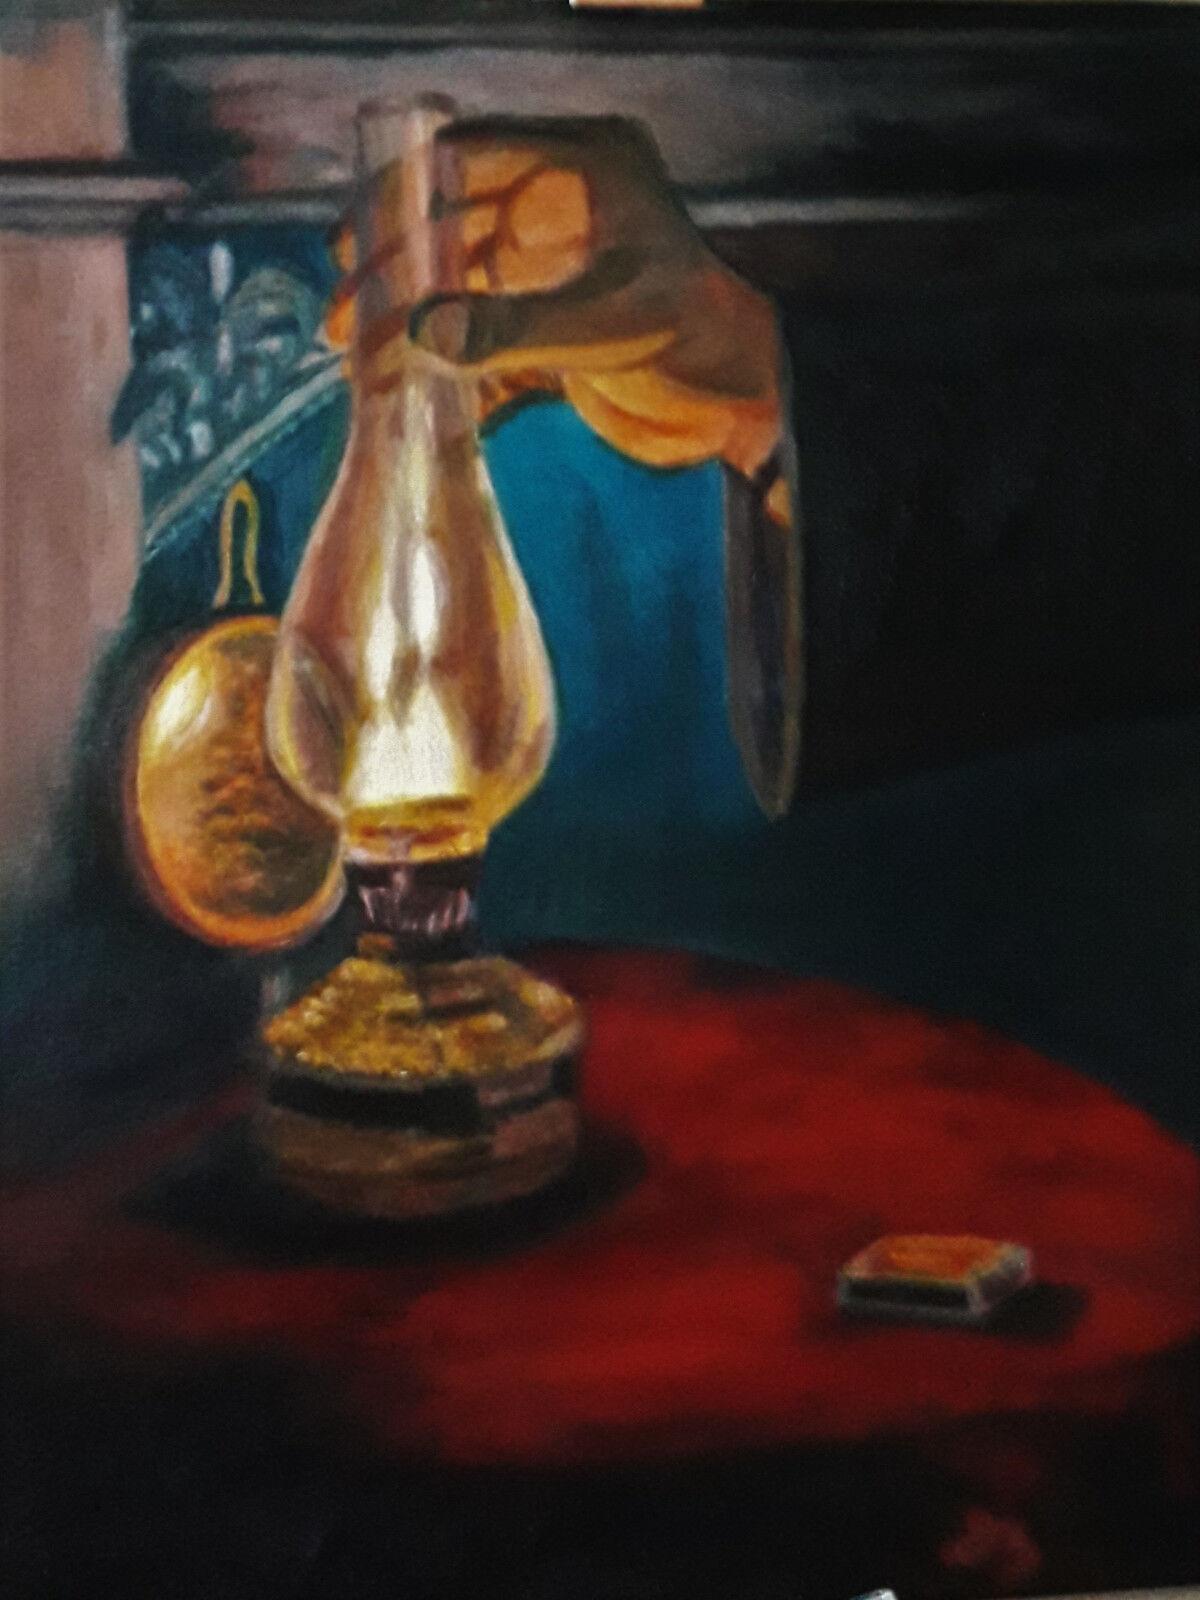 Bild -  Original Ölgemälde signiert  - Gemälde 70x50cm  Öllampe